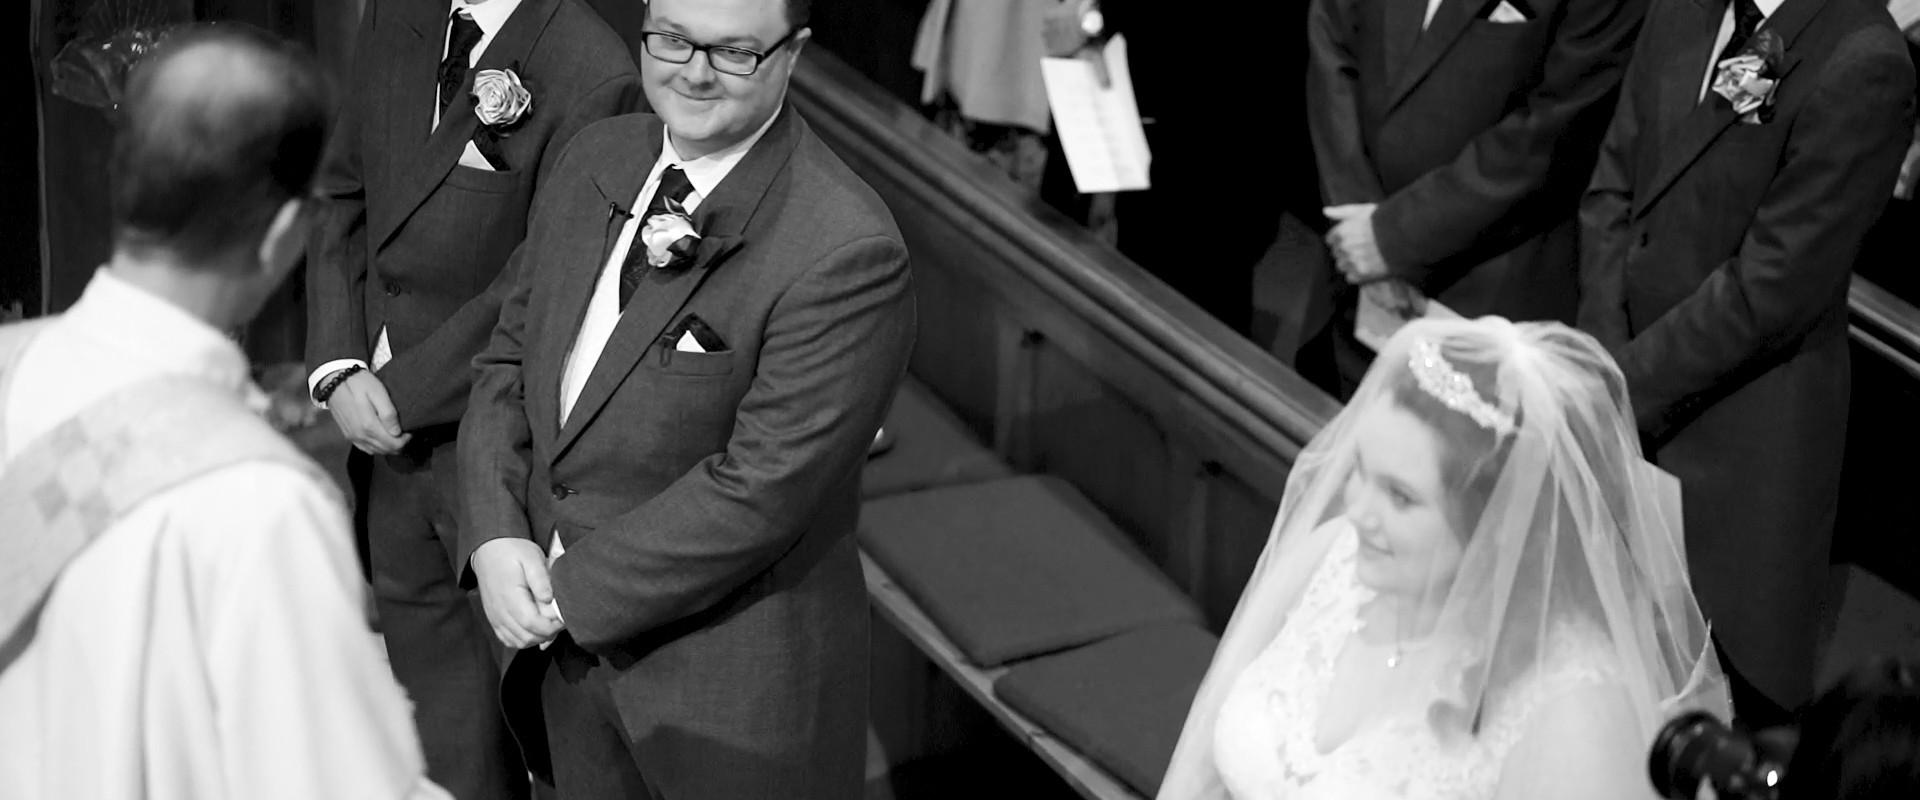 Wedding-ShortFilm-BW.00_02_05_06.Still01